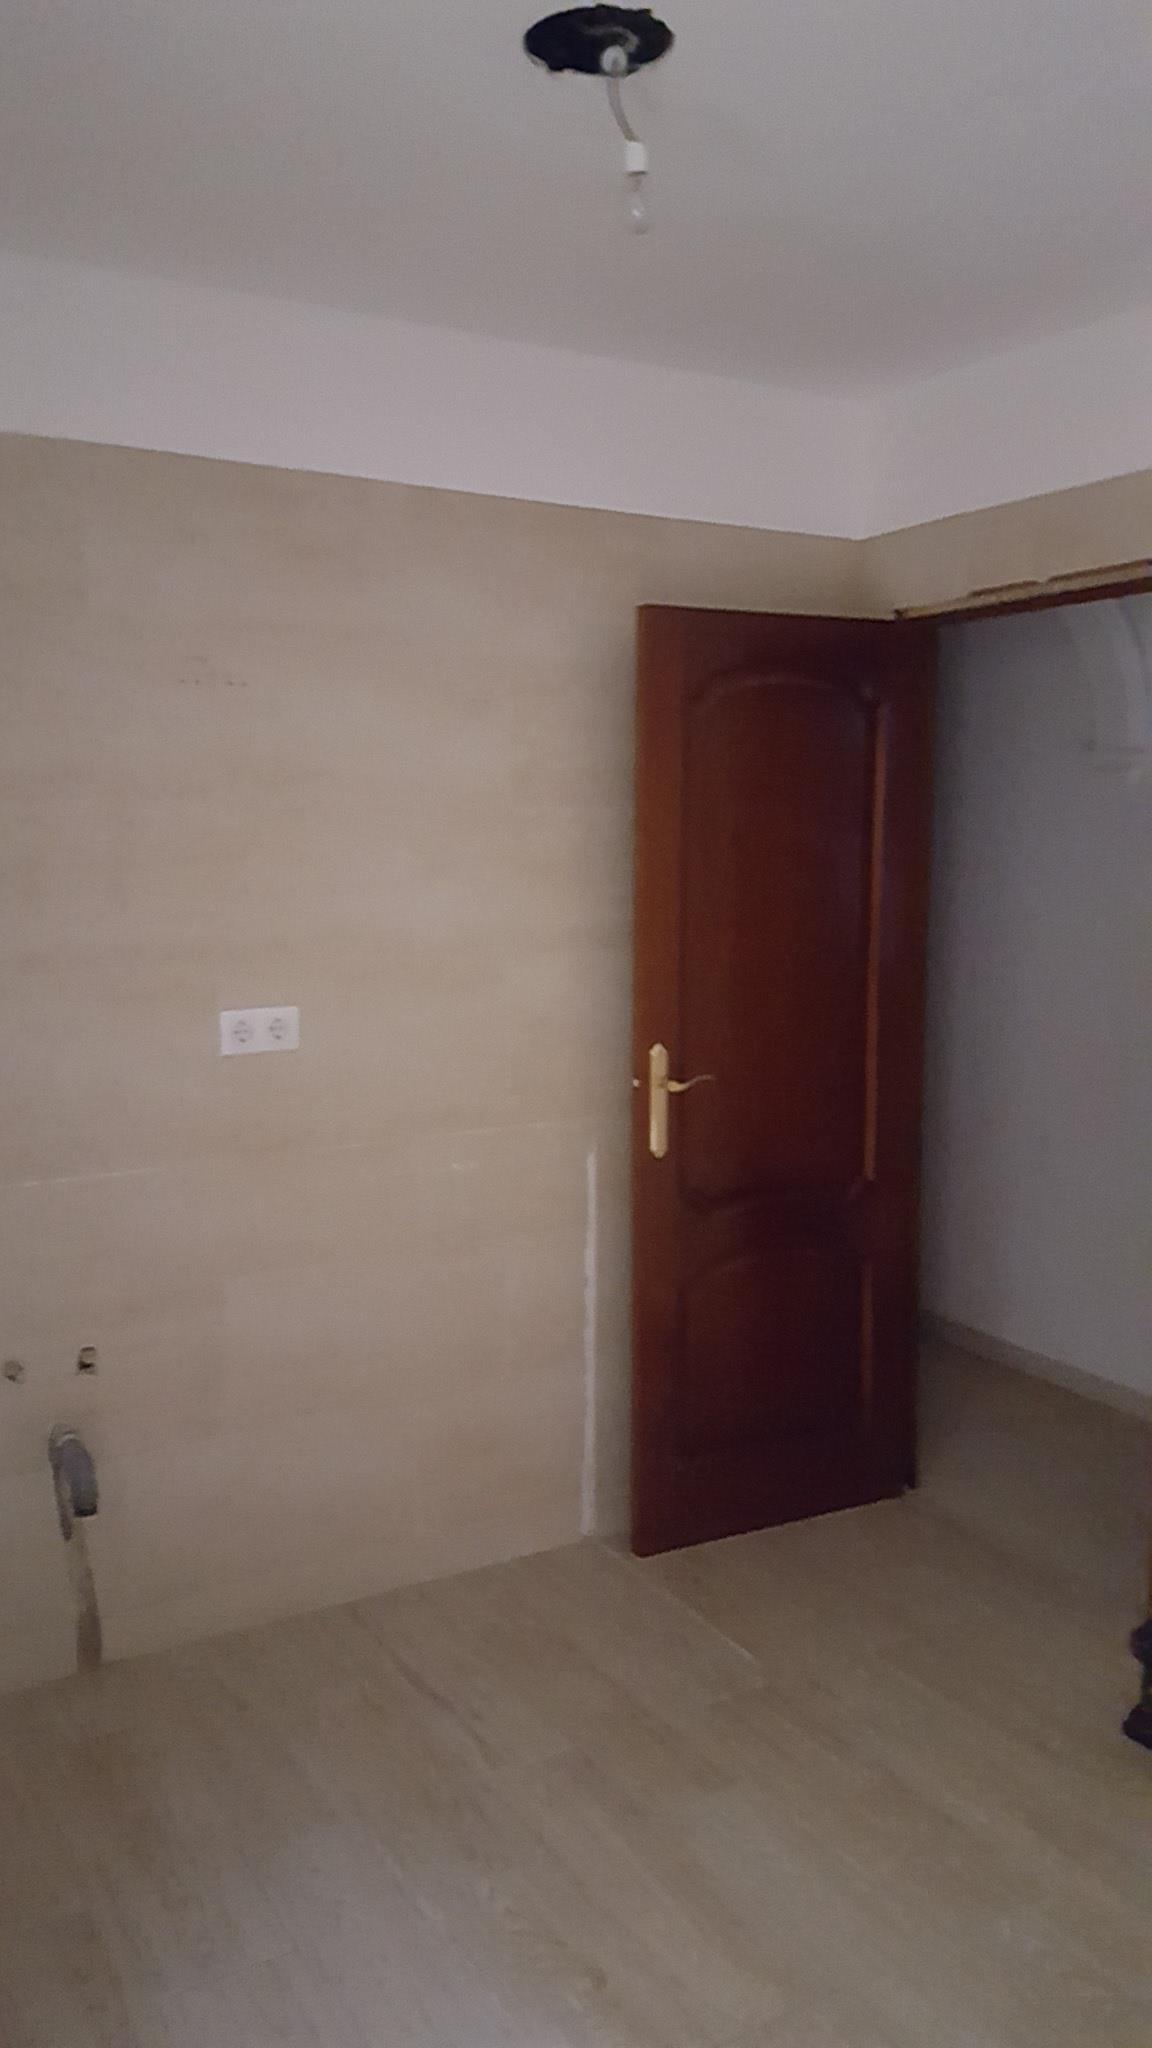 Piso en venta en Sevilla, Sevilla, Avenida los Gavilanes, 100.500 €, 3 habitaciones, 2 baños, 145 m2